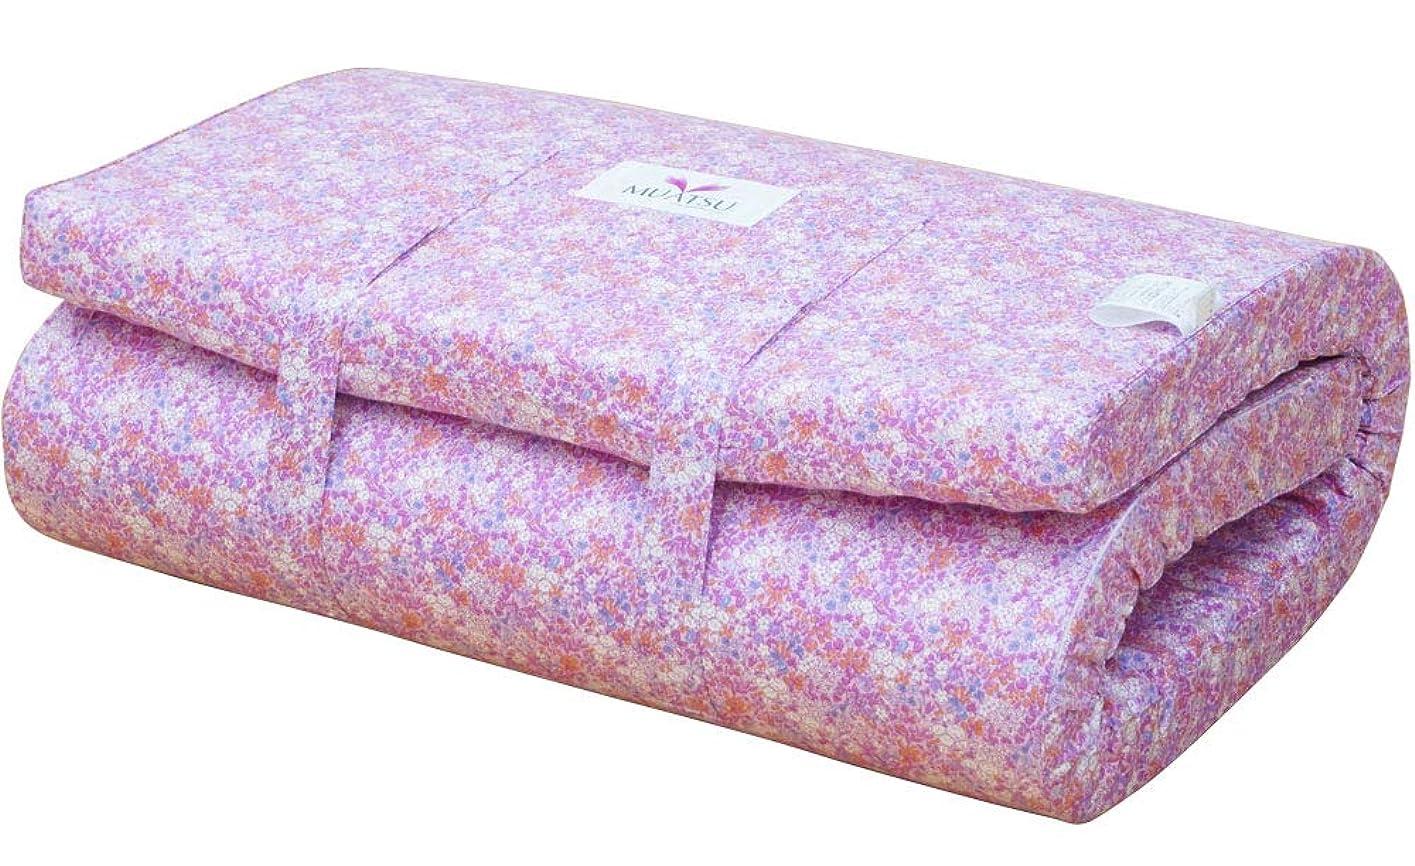 枕模索銀行西川 ムアツ布団 シングル ムアツふとん 80mm 1フォーム160 日本製 敷布団 (ピンク)